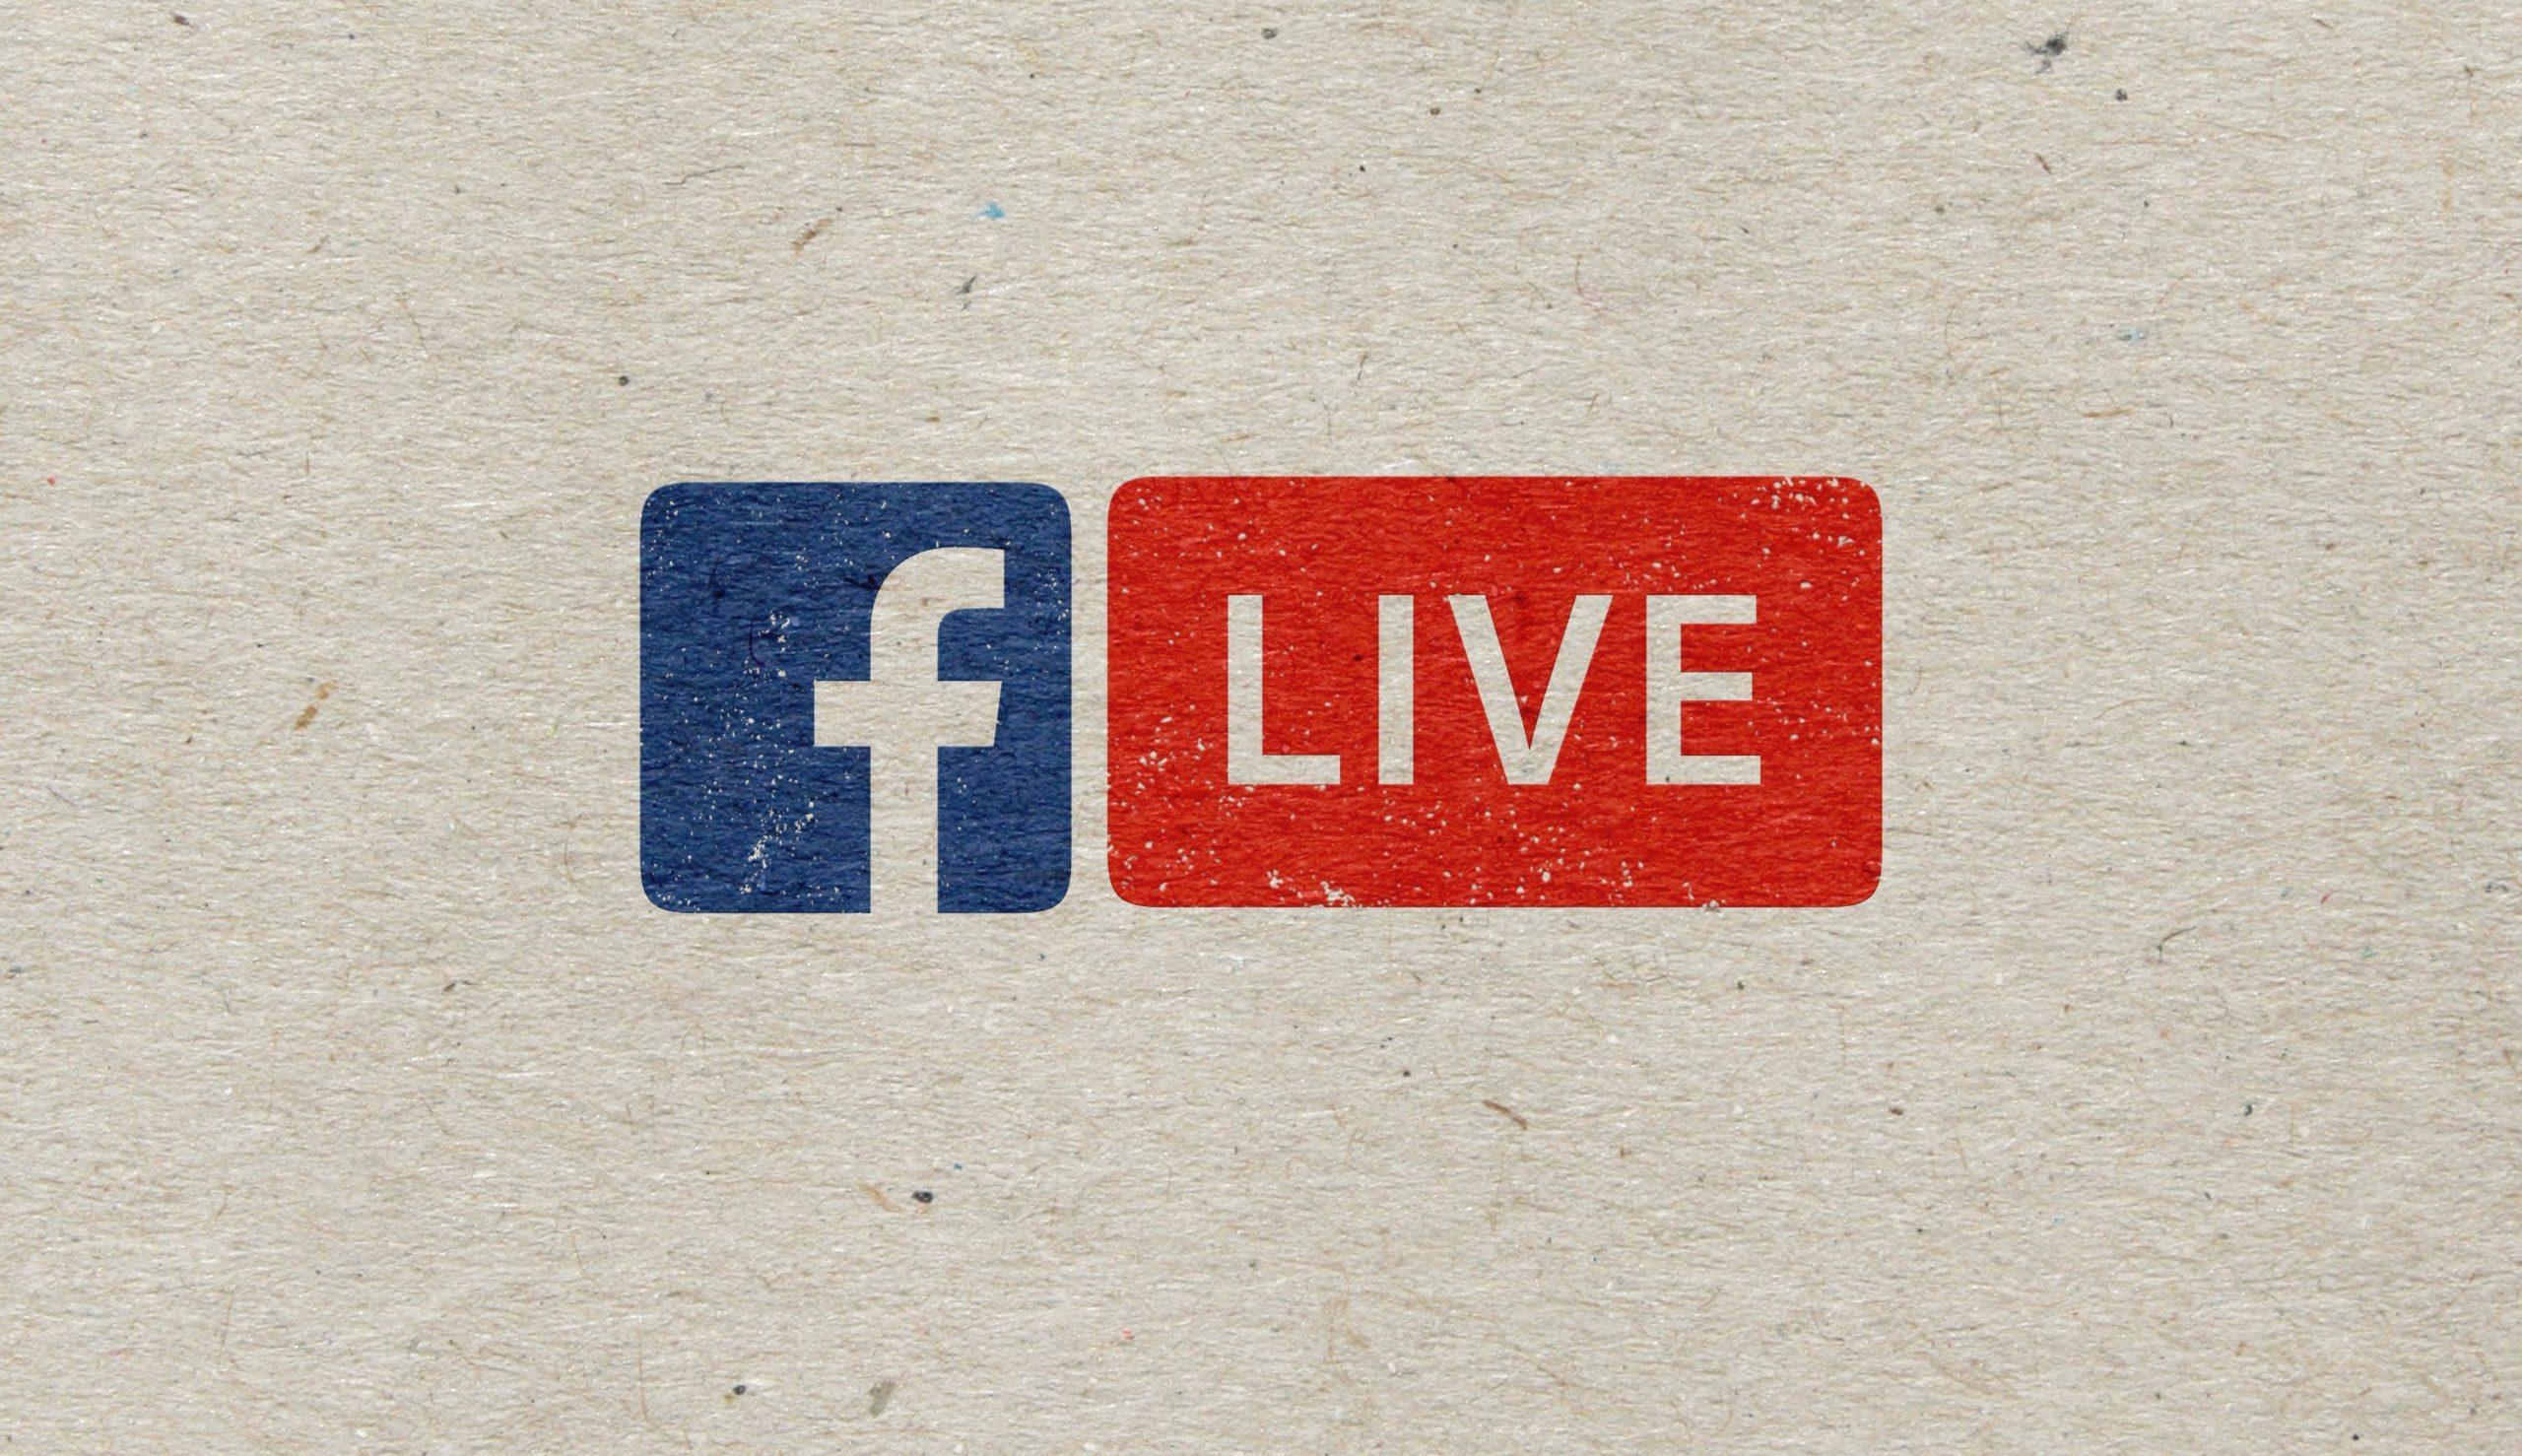 Comment réaliser une vidéo en direct sur Facebook?